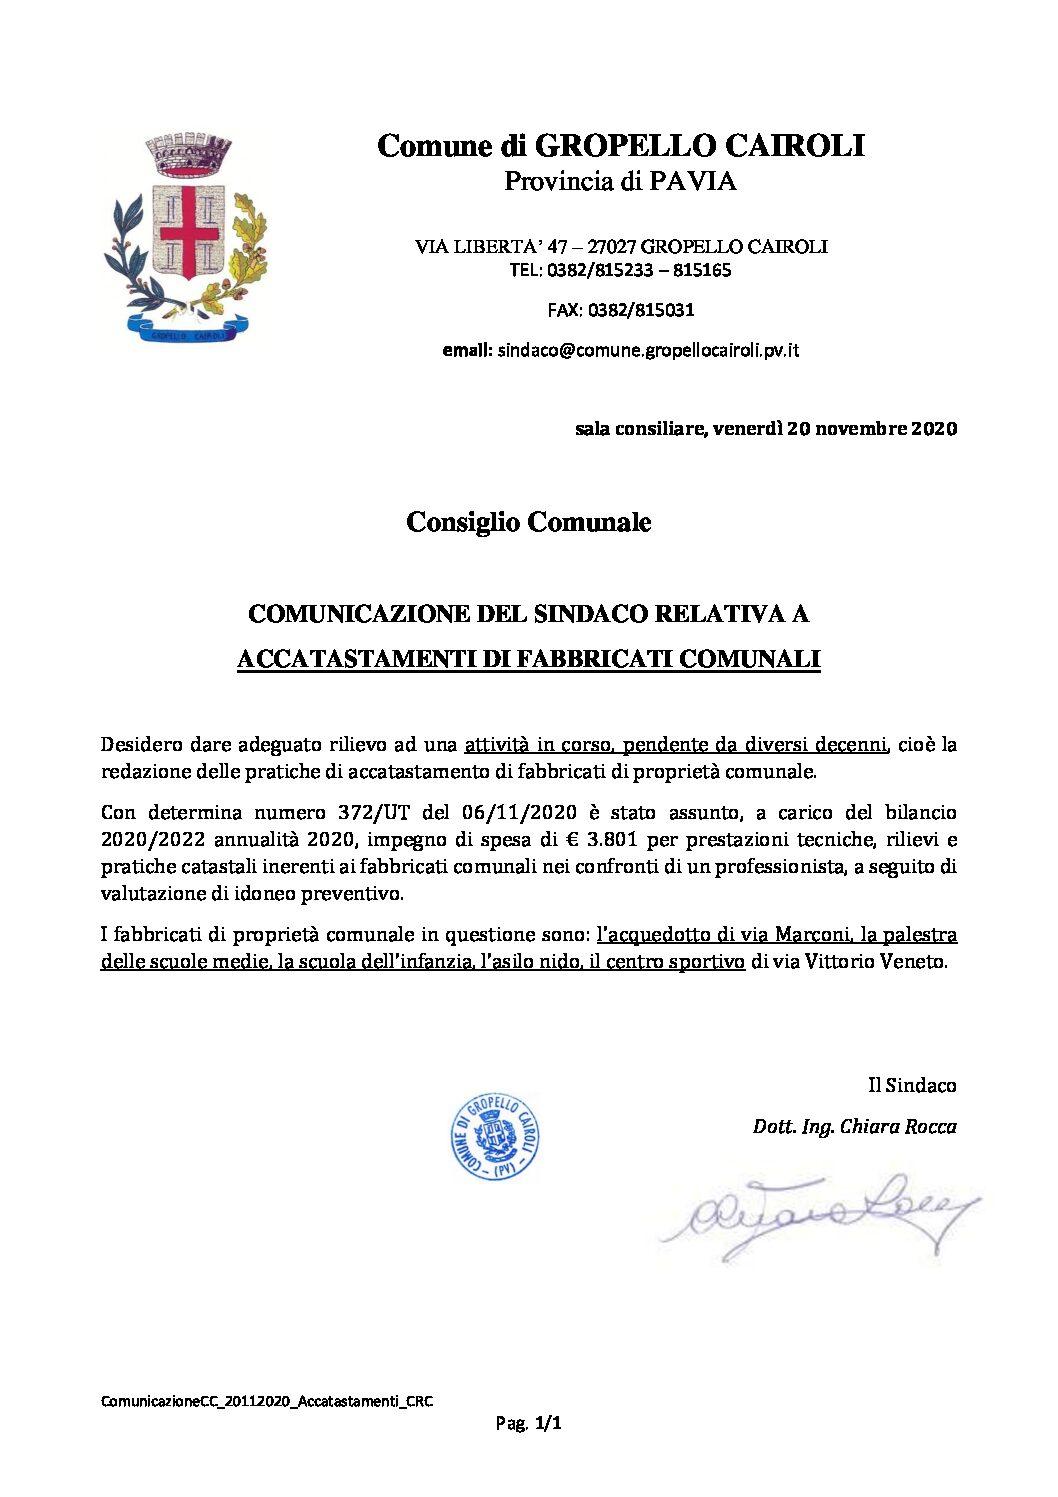 COMUNICAZIONE DEL SINDACO RELATIVA ACCATASTAMENTI DI FABBRICATI COMUNALI